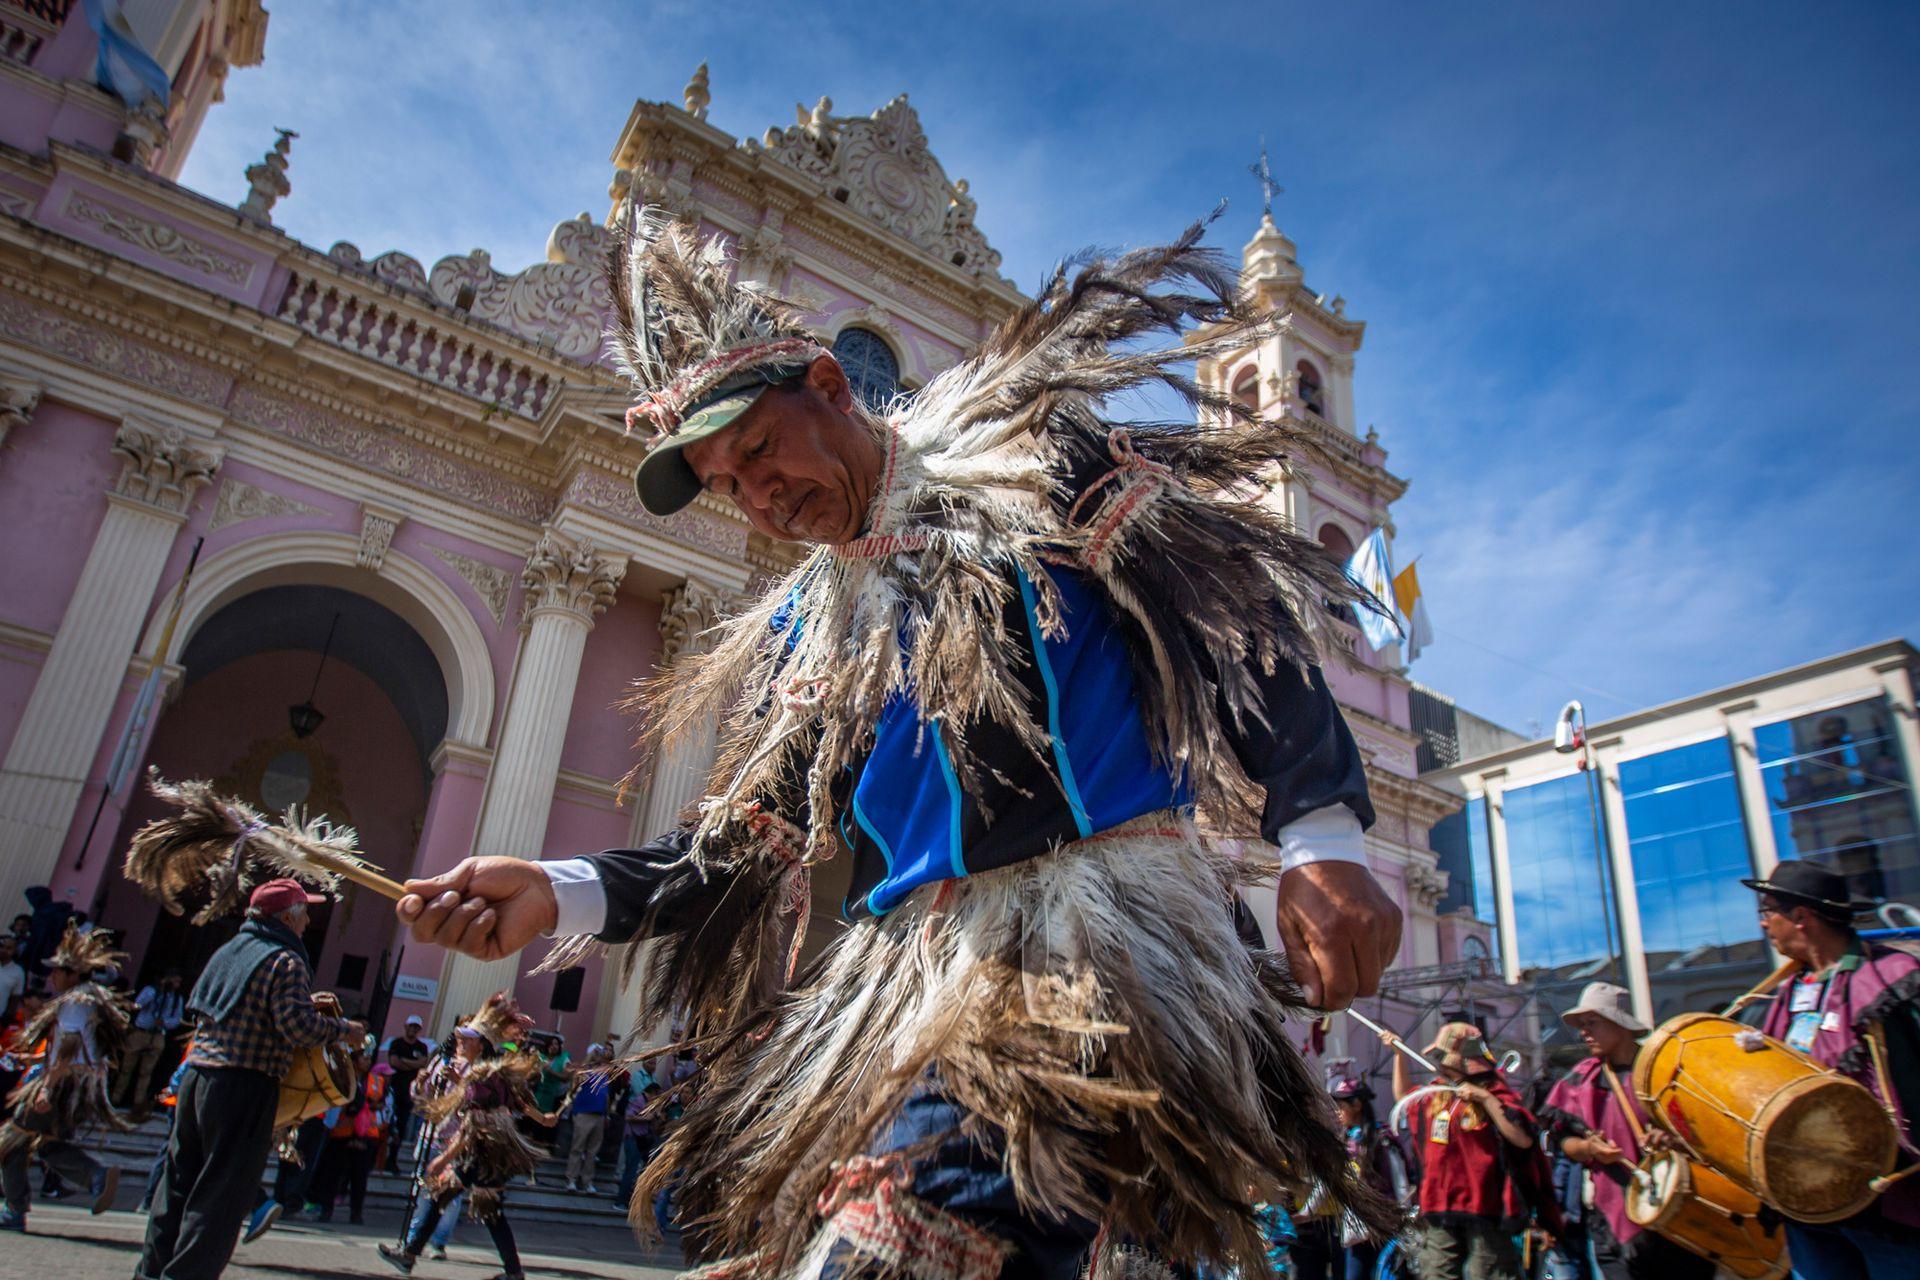 Danzas con trajes típicos durante la procesión